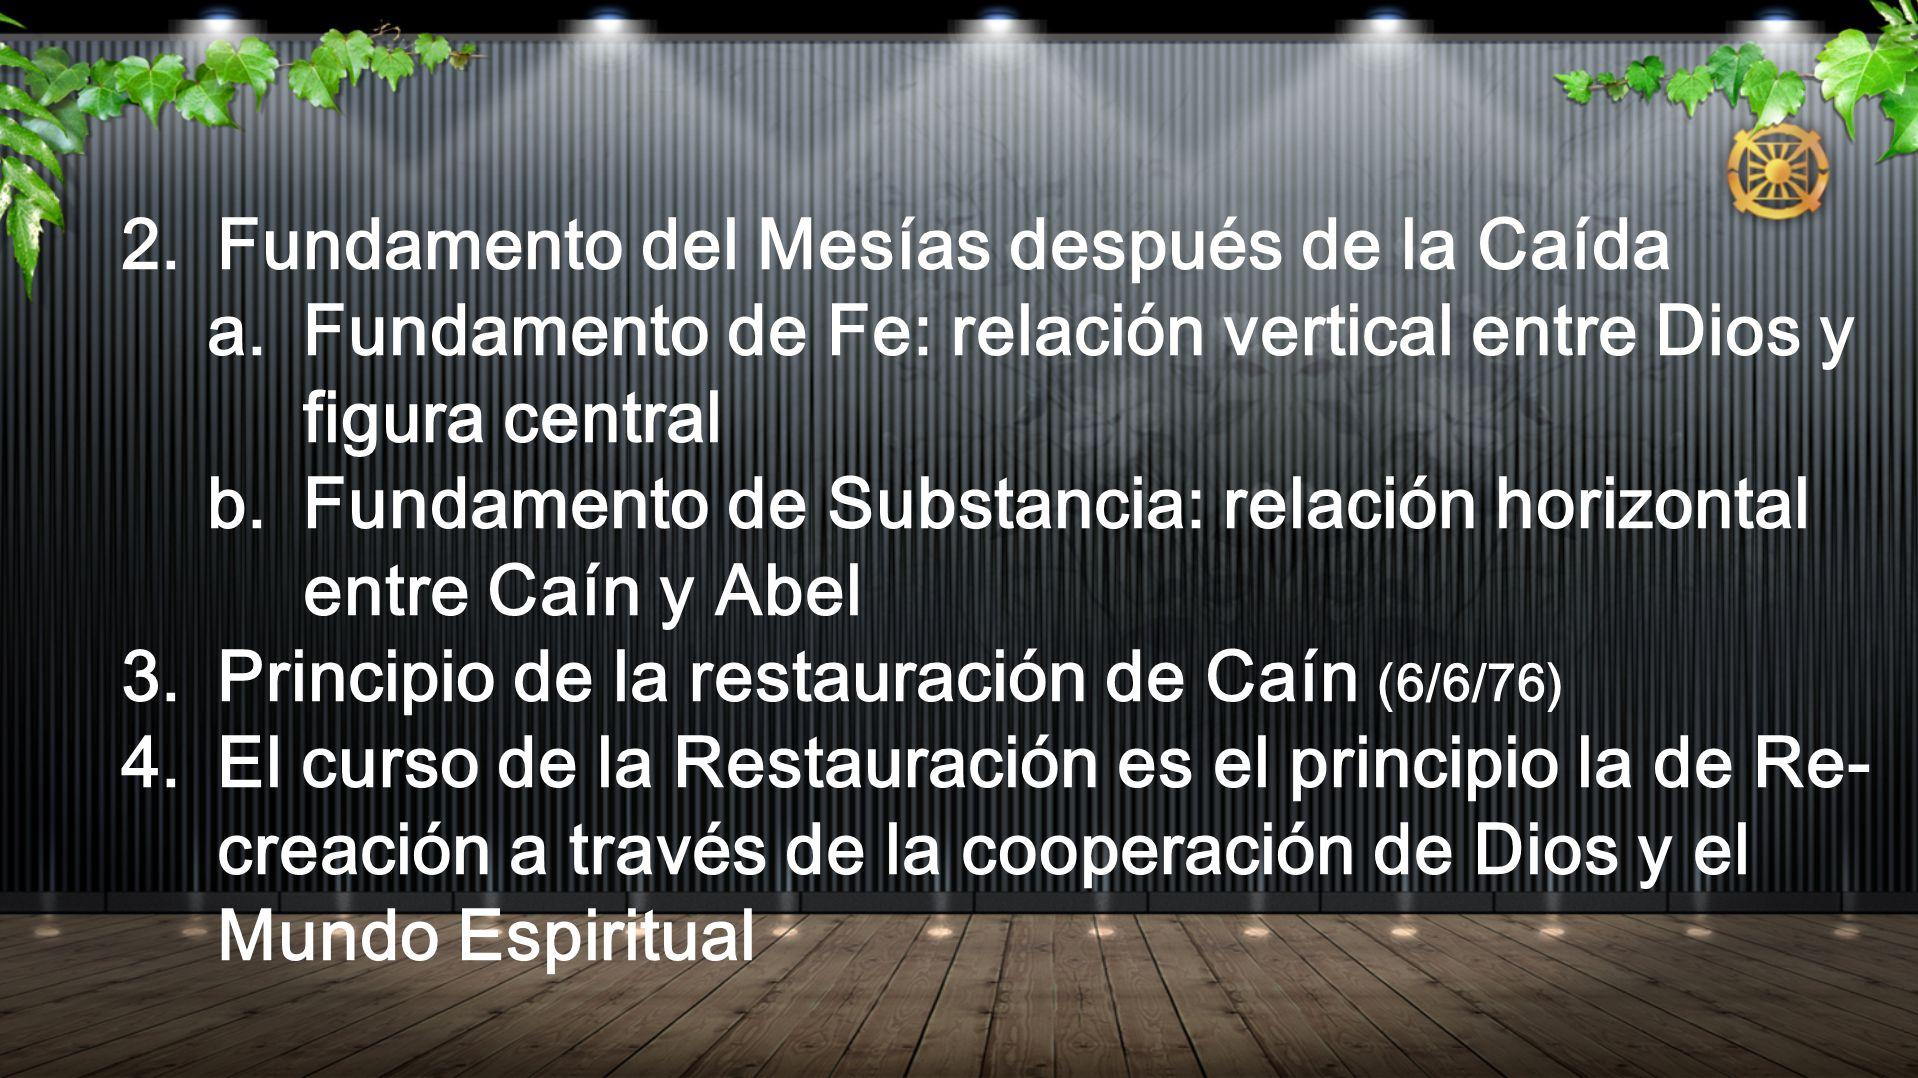 2. Fundamento del Mesías después de la Caída a. Fundamento de Fe: relación vertical entre Dios y figura central b. Fundamento de Substancia: relación